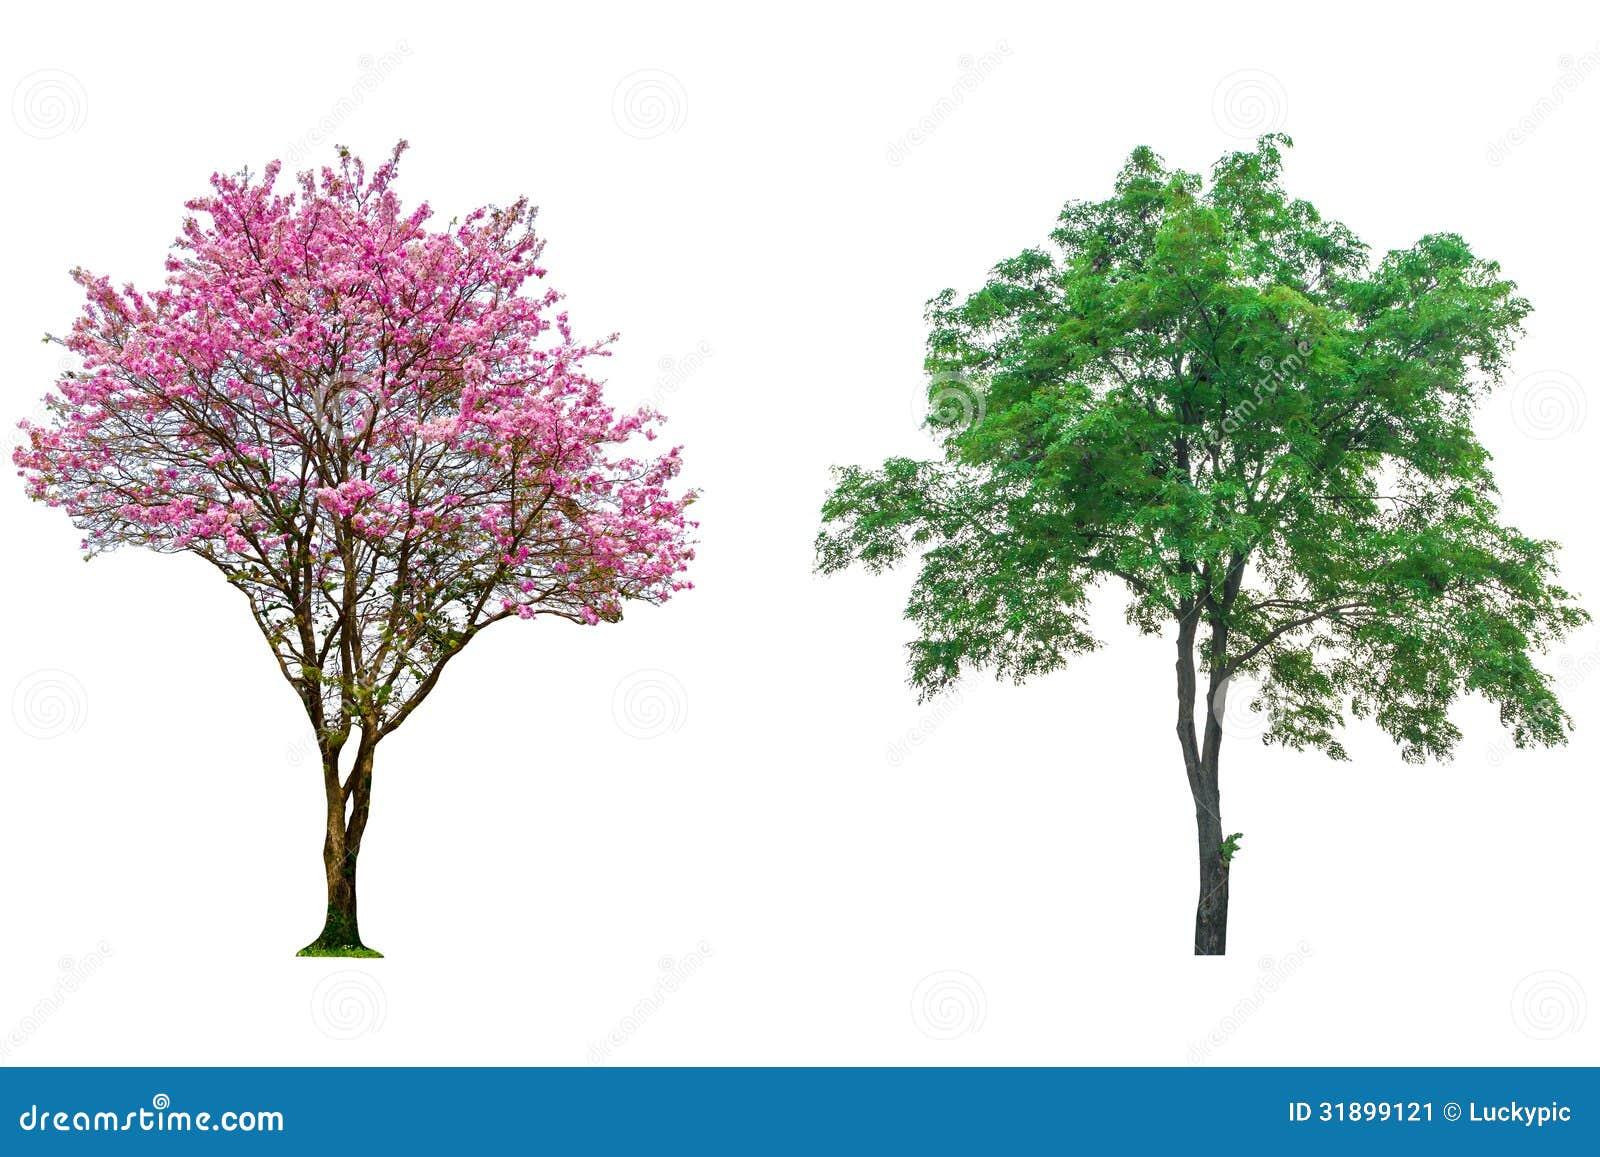 arbre rose de fleur image stock image 31899121. Black Bedroom Furniture Sets. Home Design Ideas